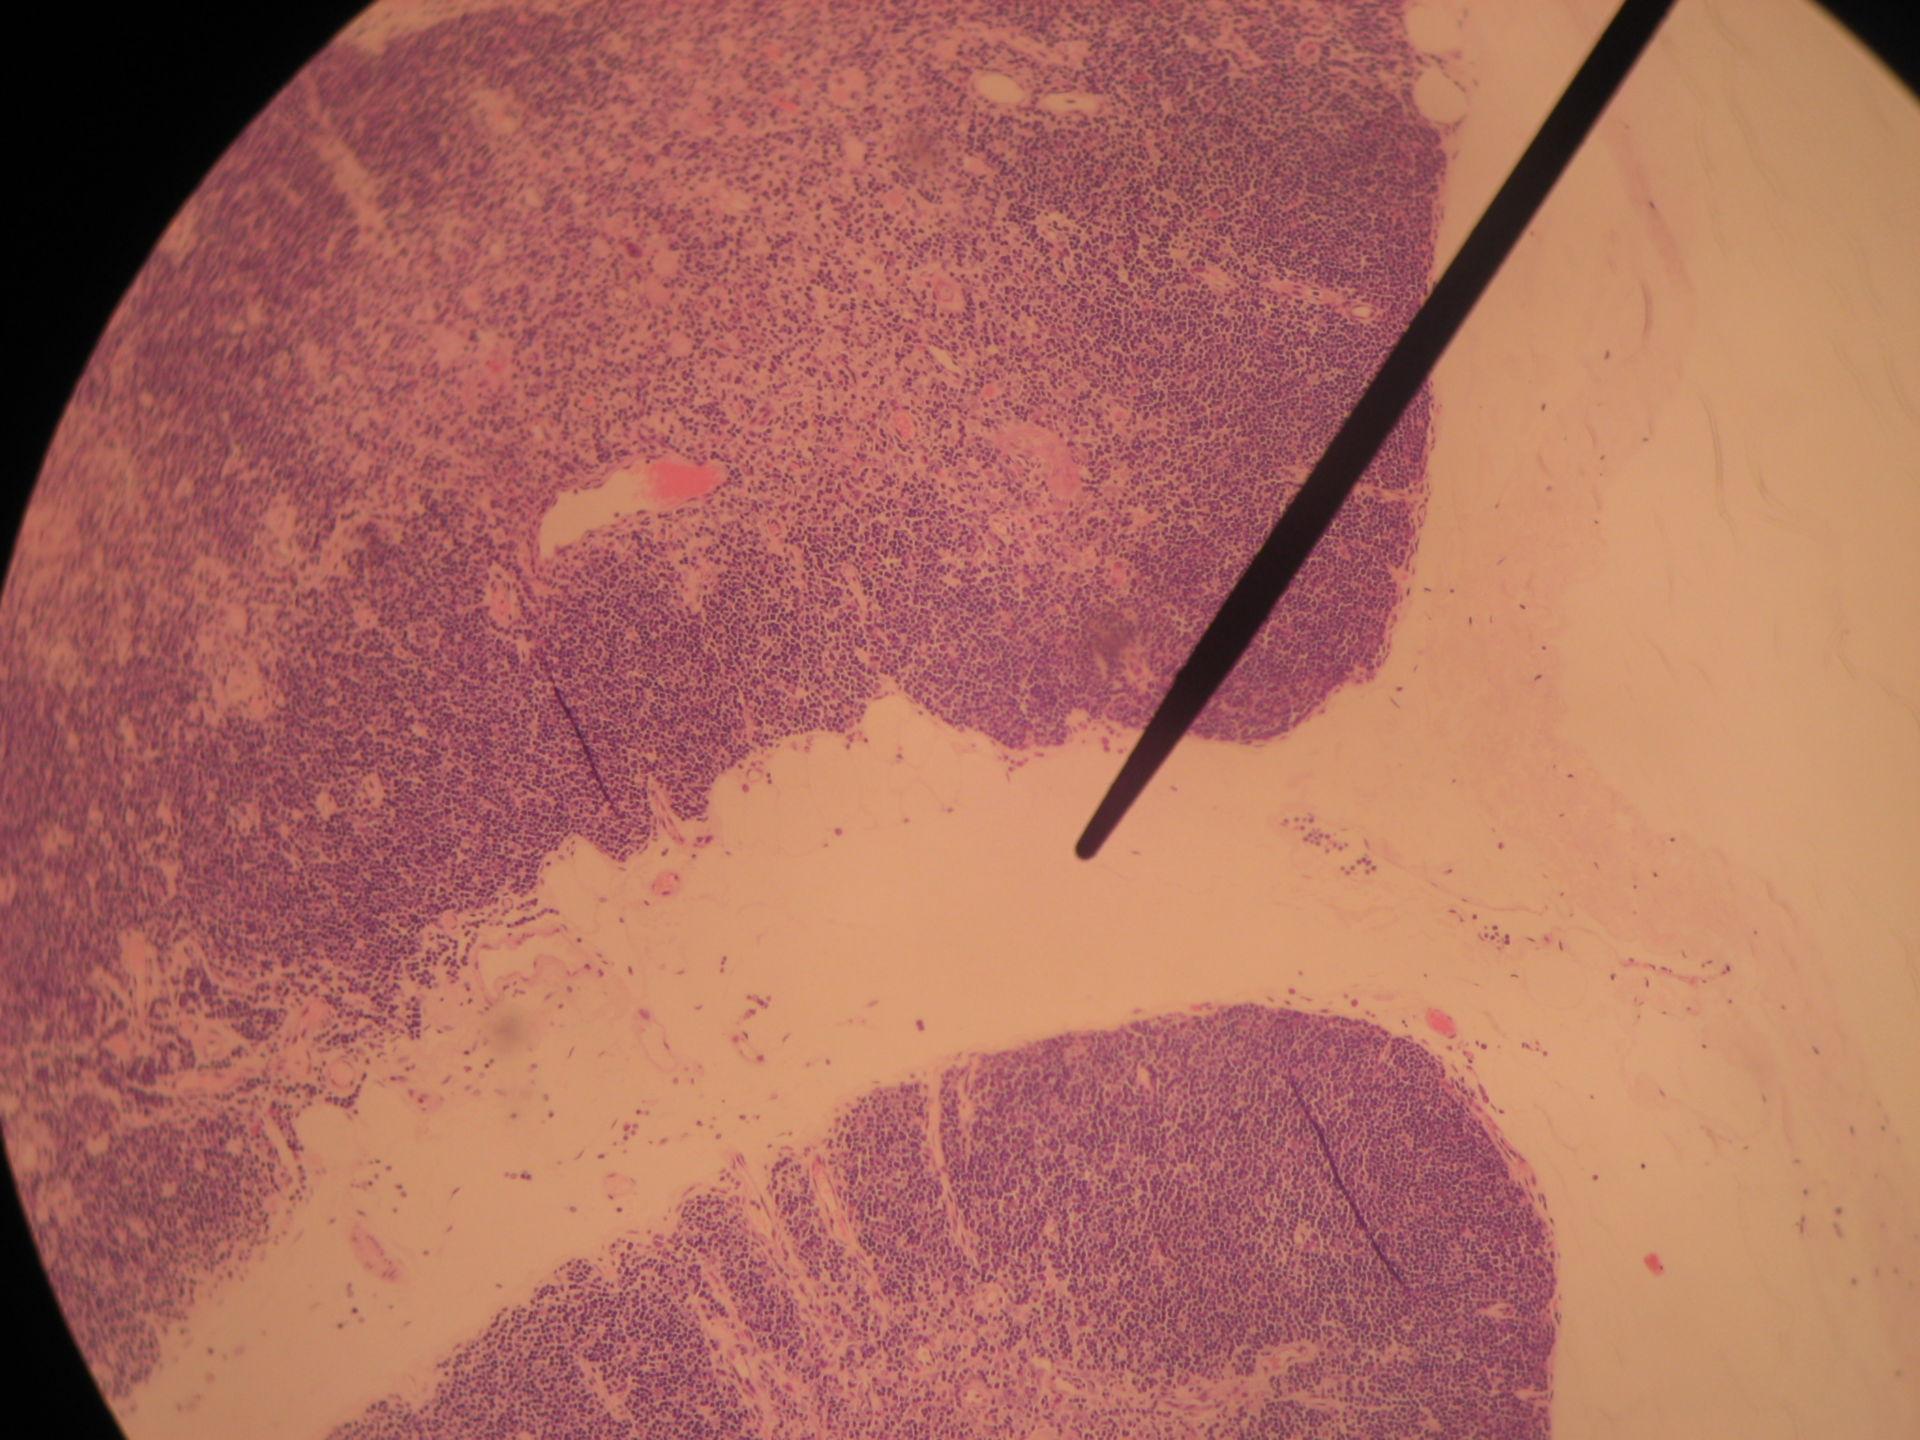 Thymus des Schafes - bindegewebige Kapsel und Trabekel